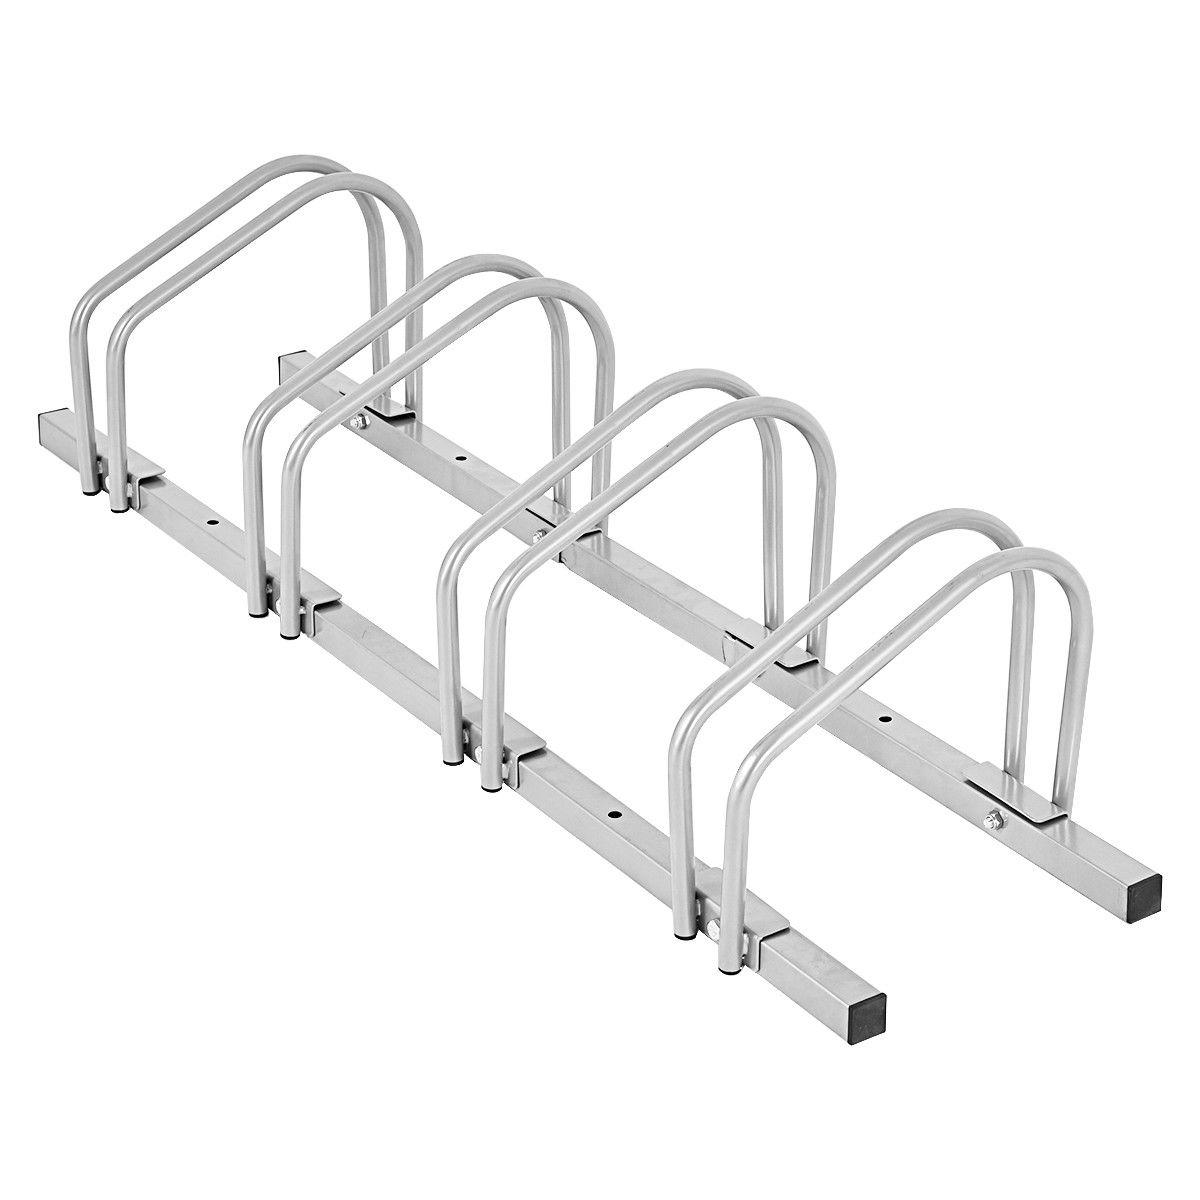 4 Bike Parking Garage Rack Storage Stand